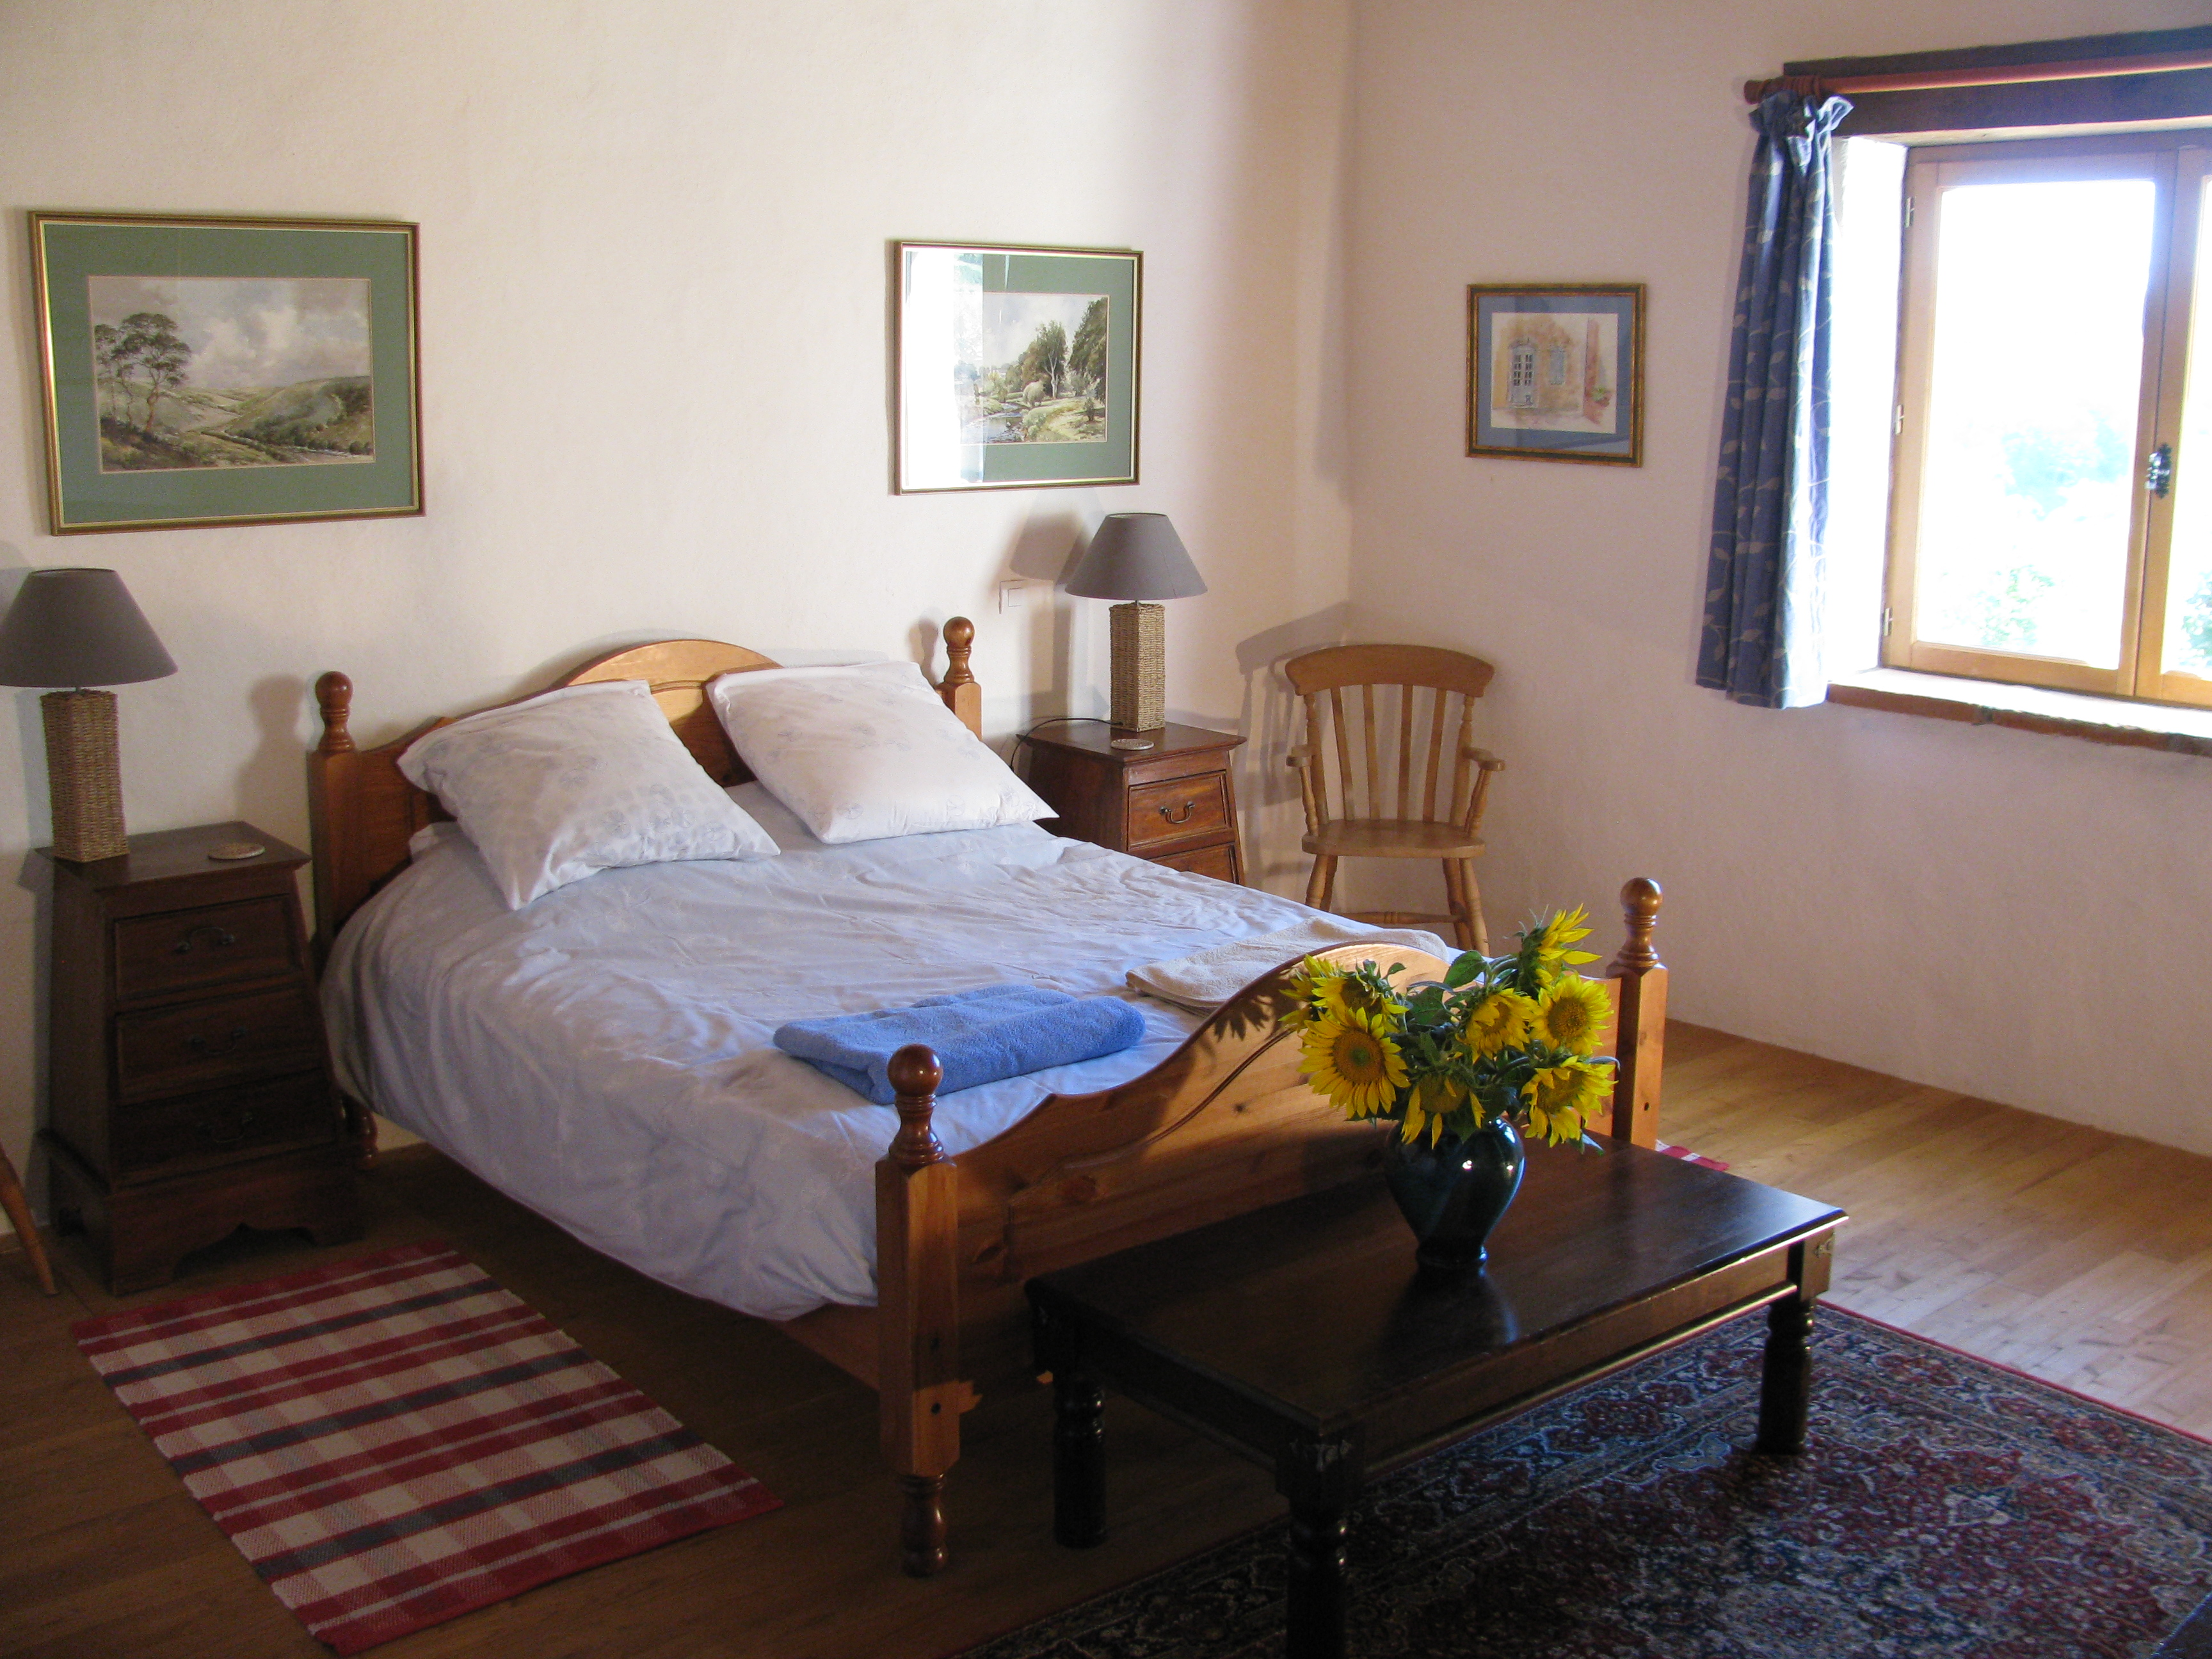 Le Logement - Double Room